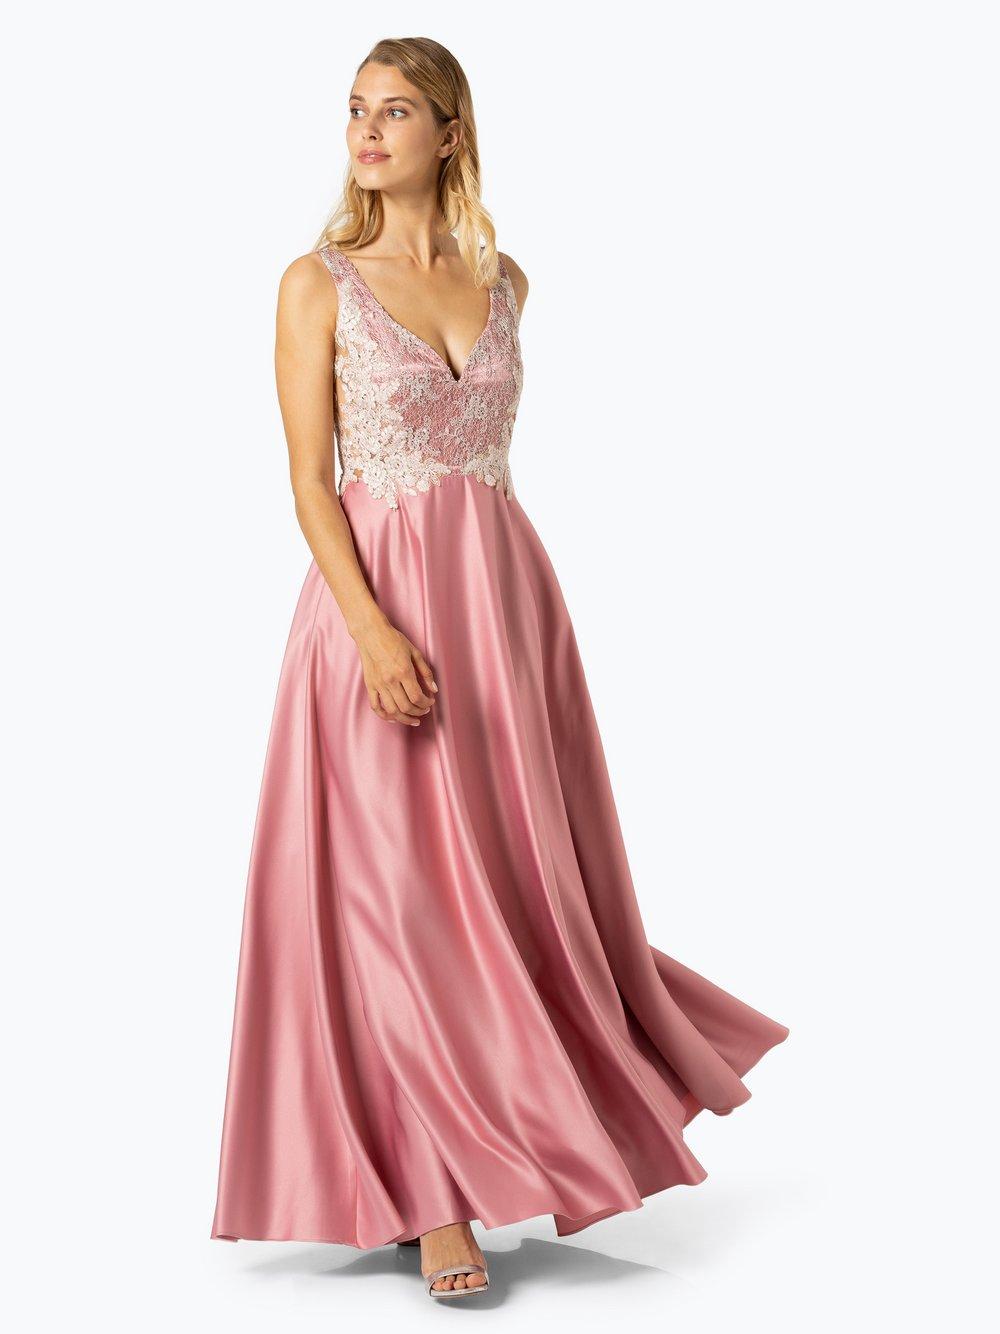 VM - Damska sukienka wieczorowa, różowy